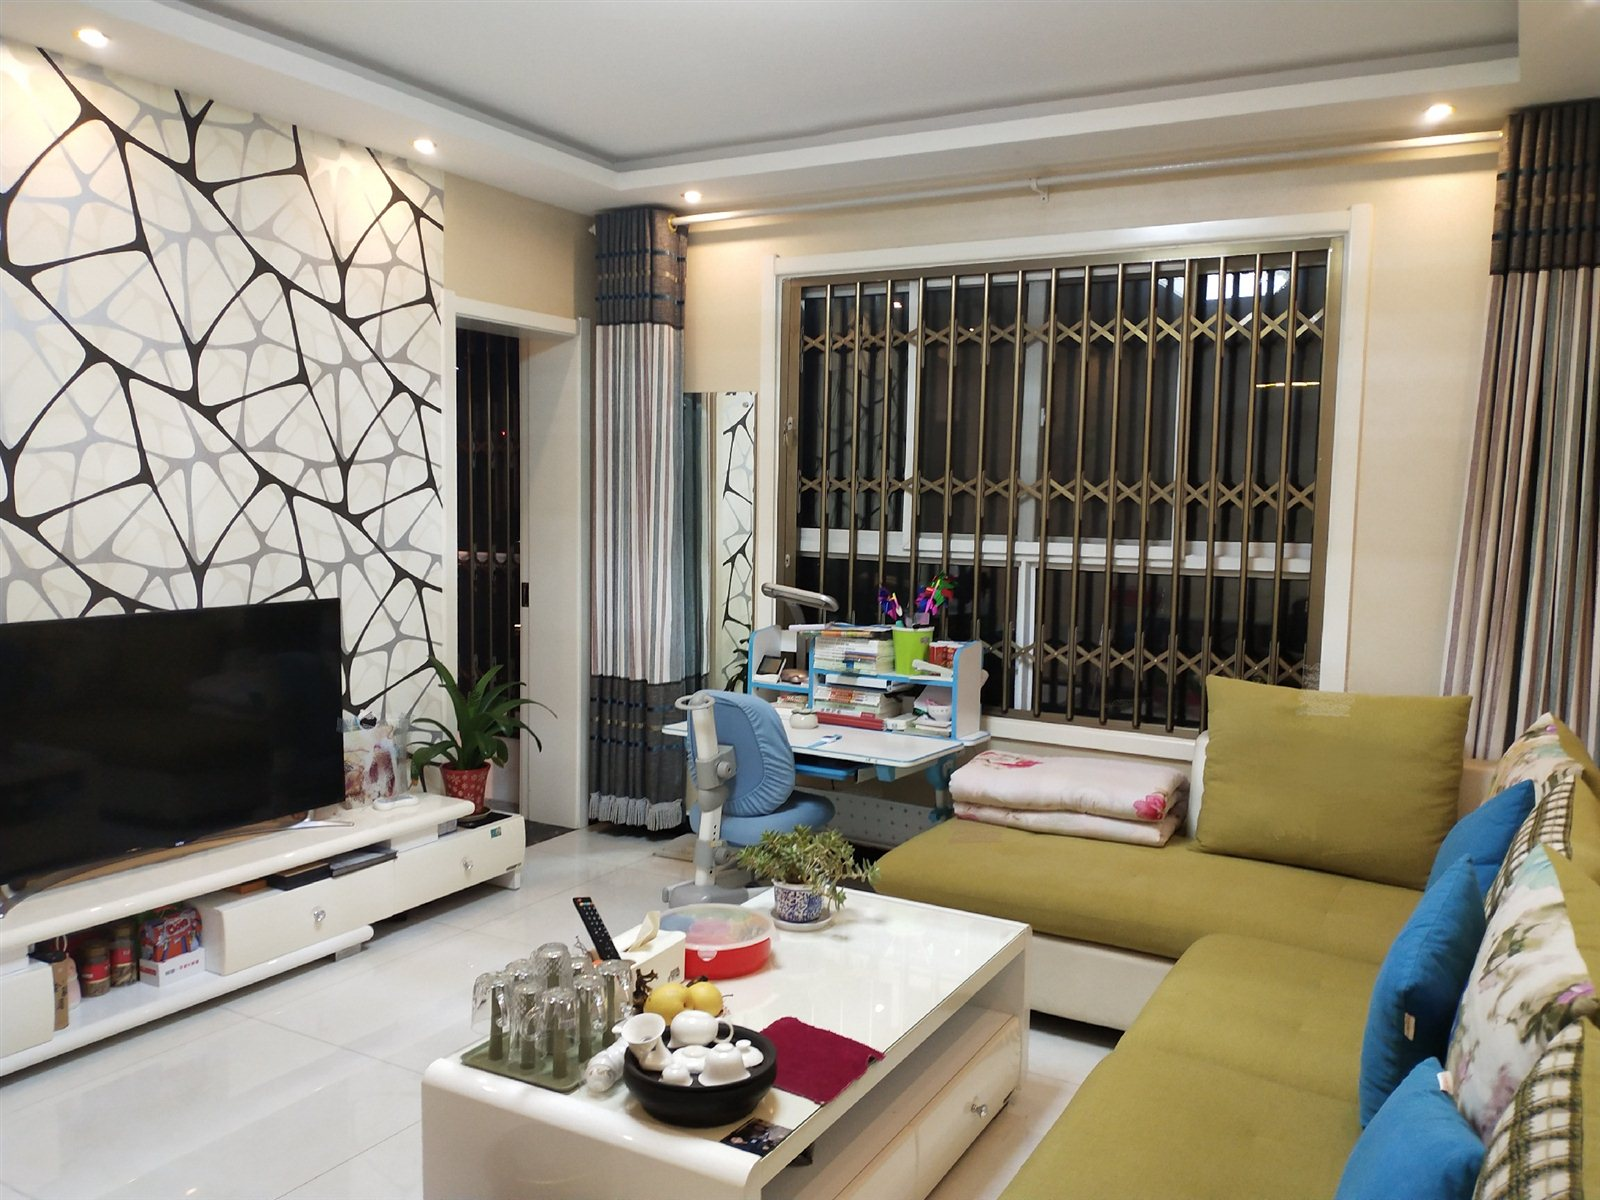 【出售】紫薇城市广场1室 1厅1 厨卫1阳台精装修39万元